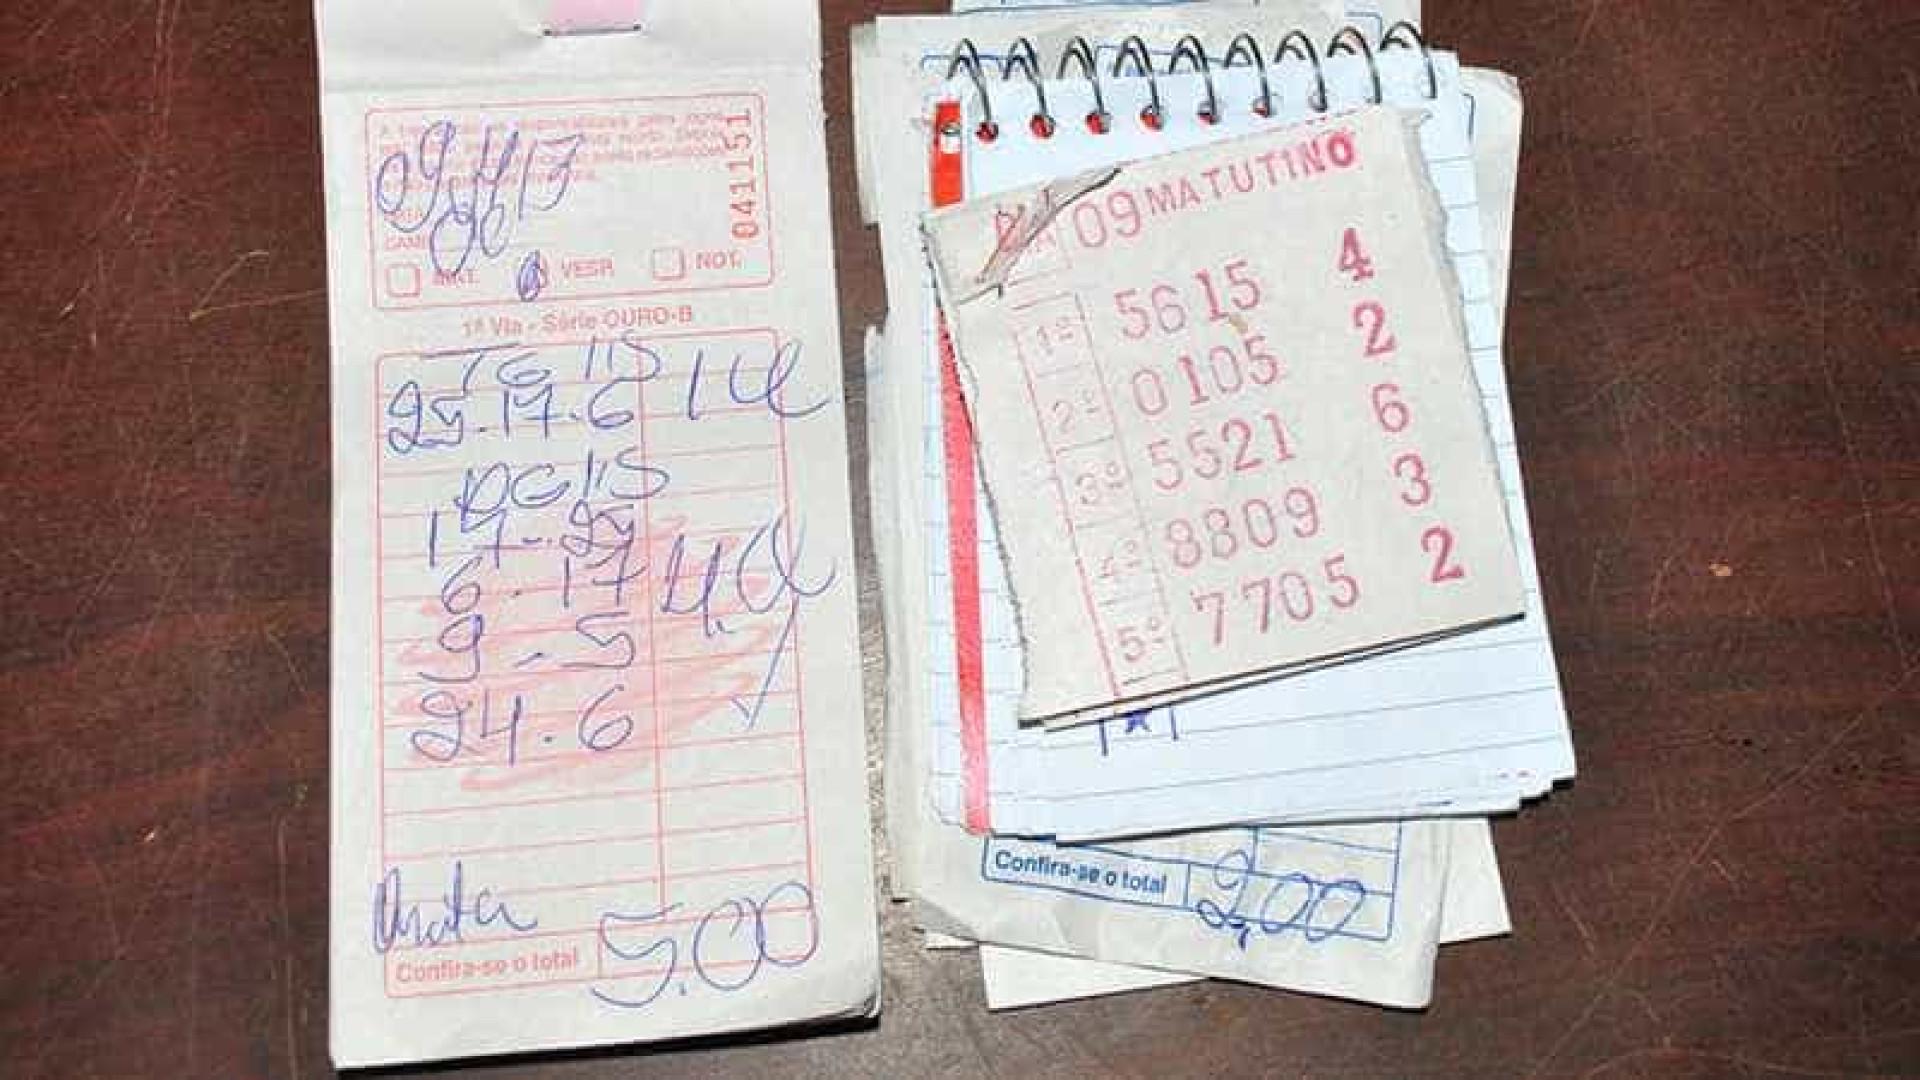 Polícia sequestra bens e imóveis de grupo envolvido com jogo do bicho